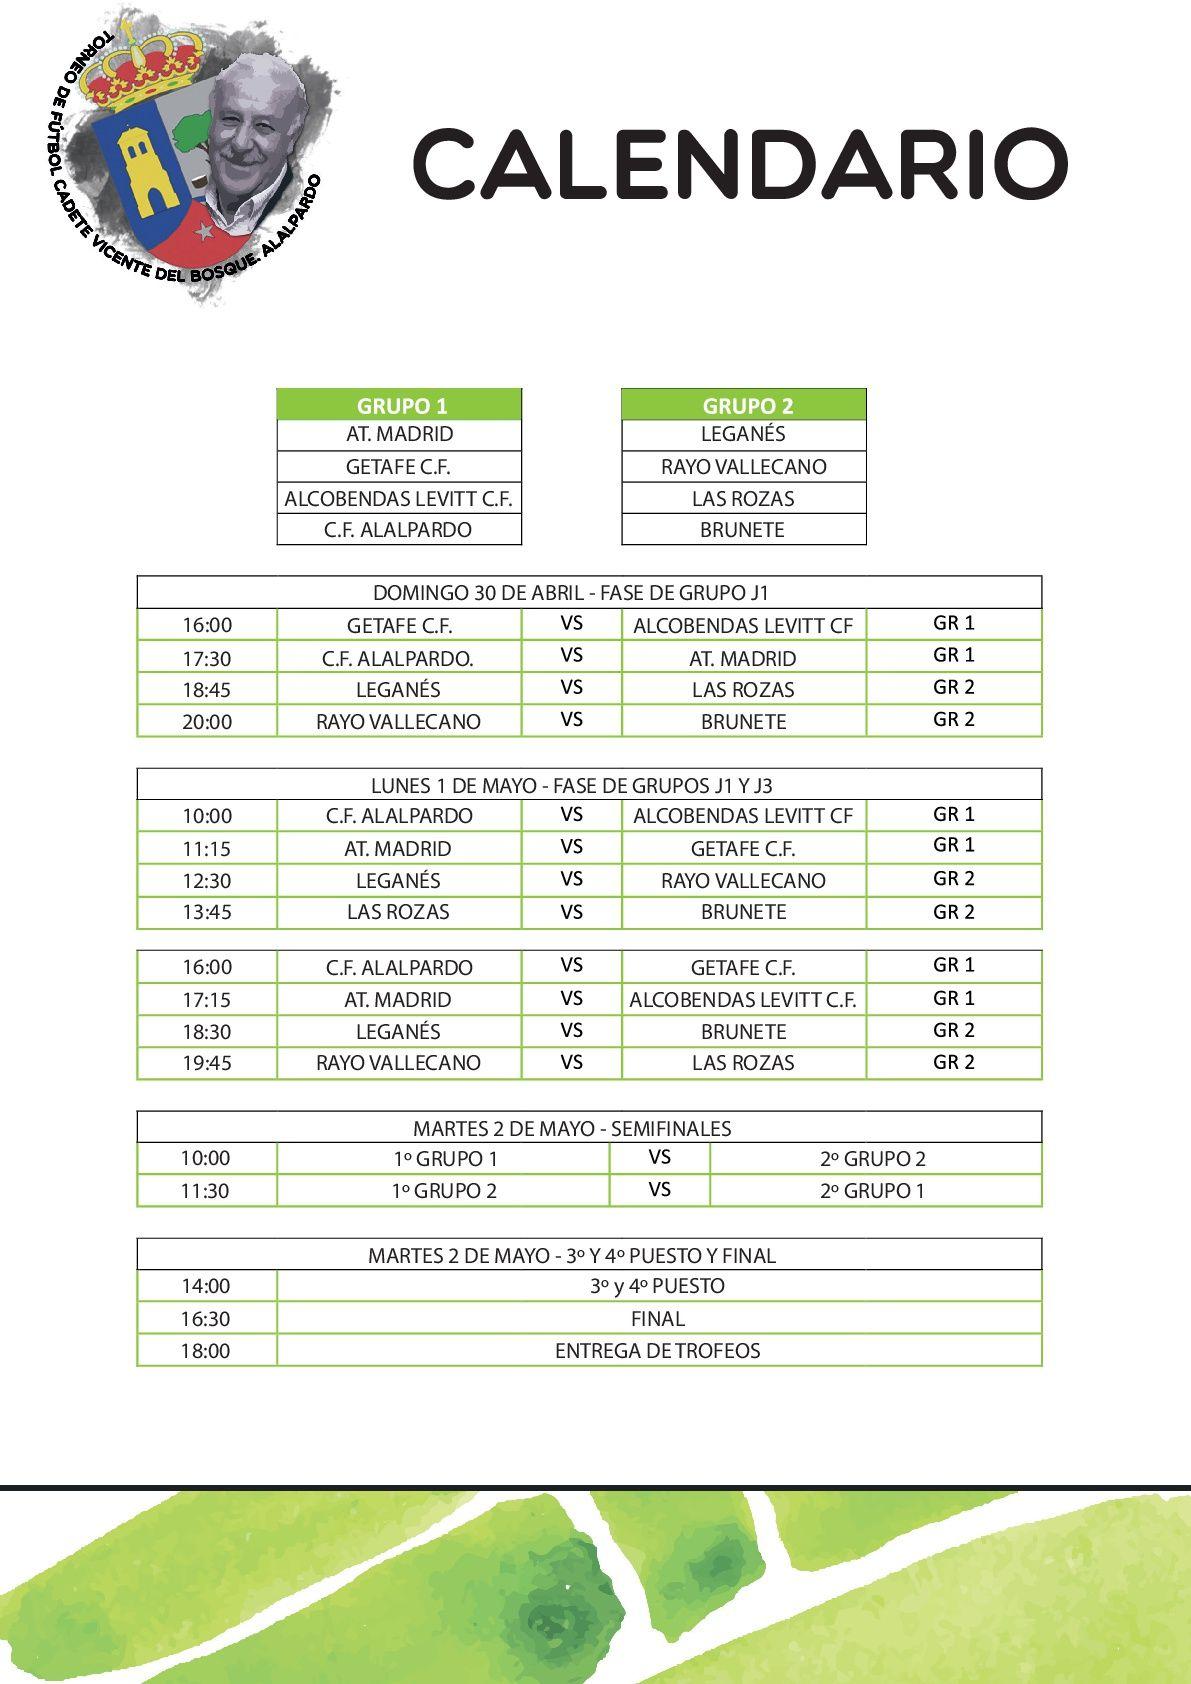 Futbol Calendario.Calendario De Partidos Ii Torneo De Futbol Vicente Del Bosque